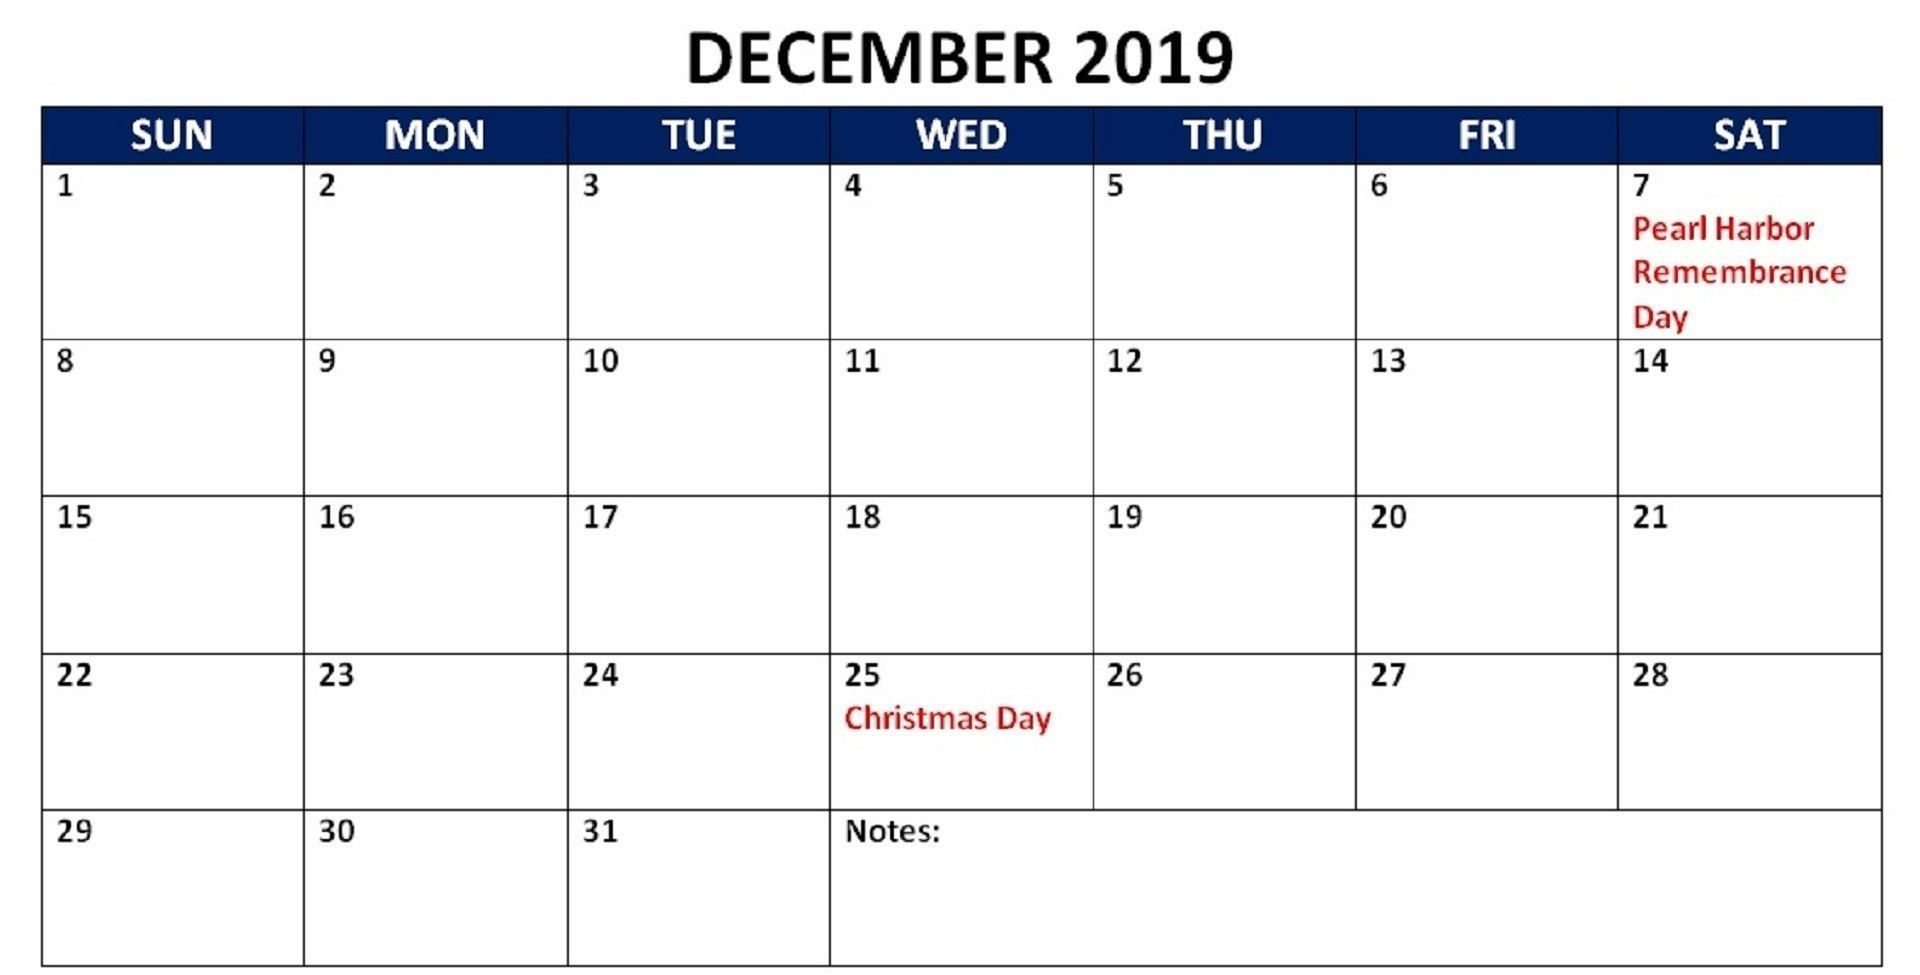 December 2019 Calendar Indian Holidays